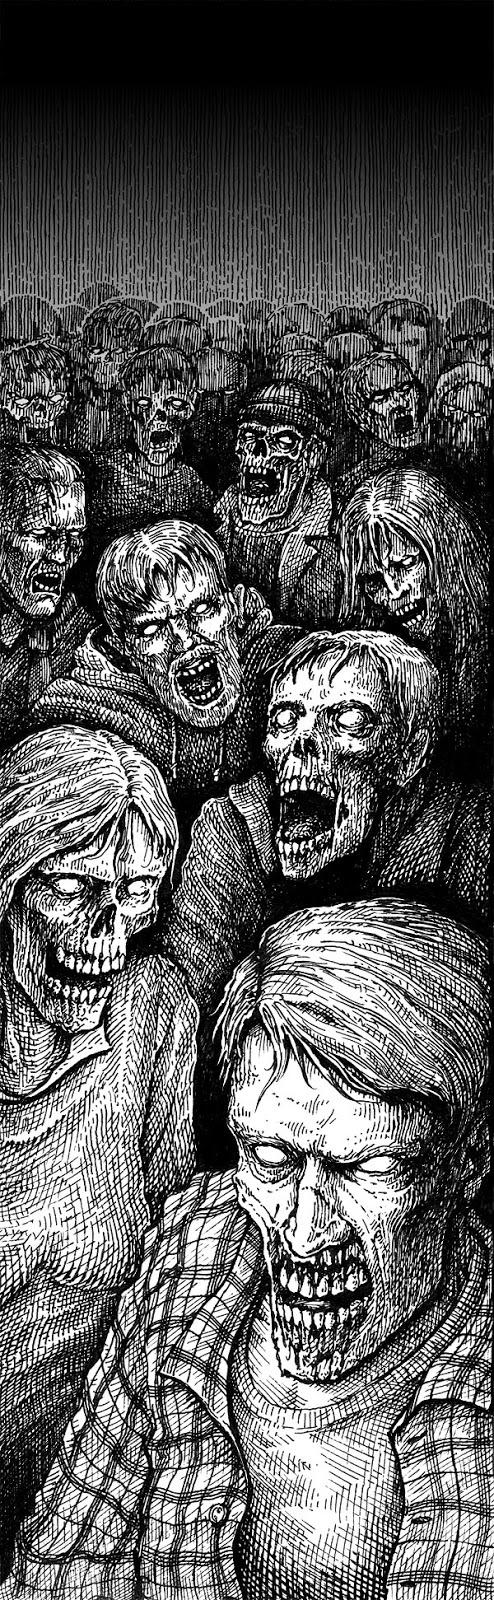 Walkers by Skirill